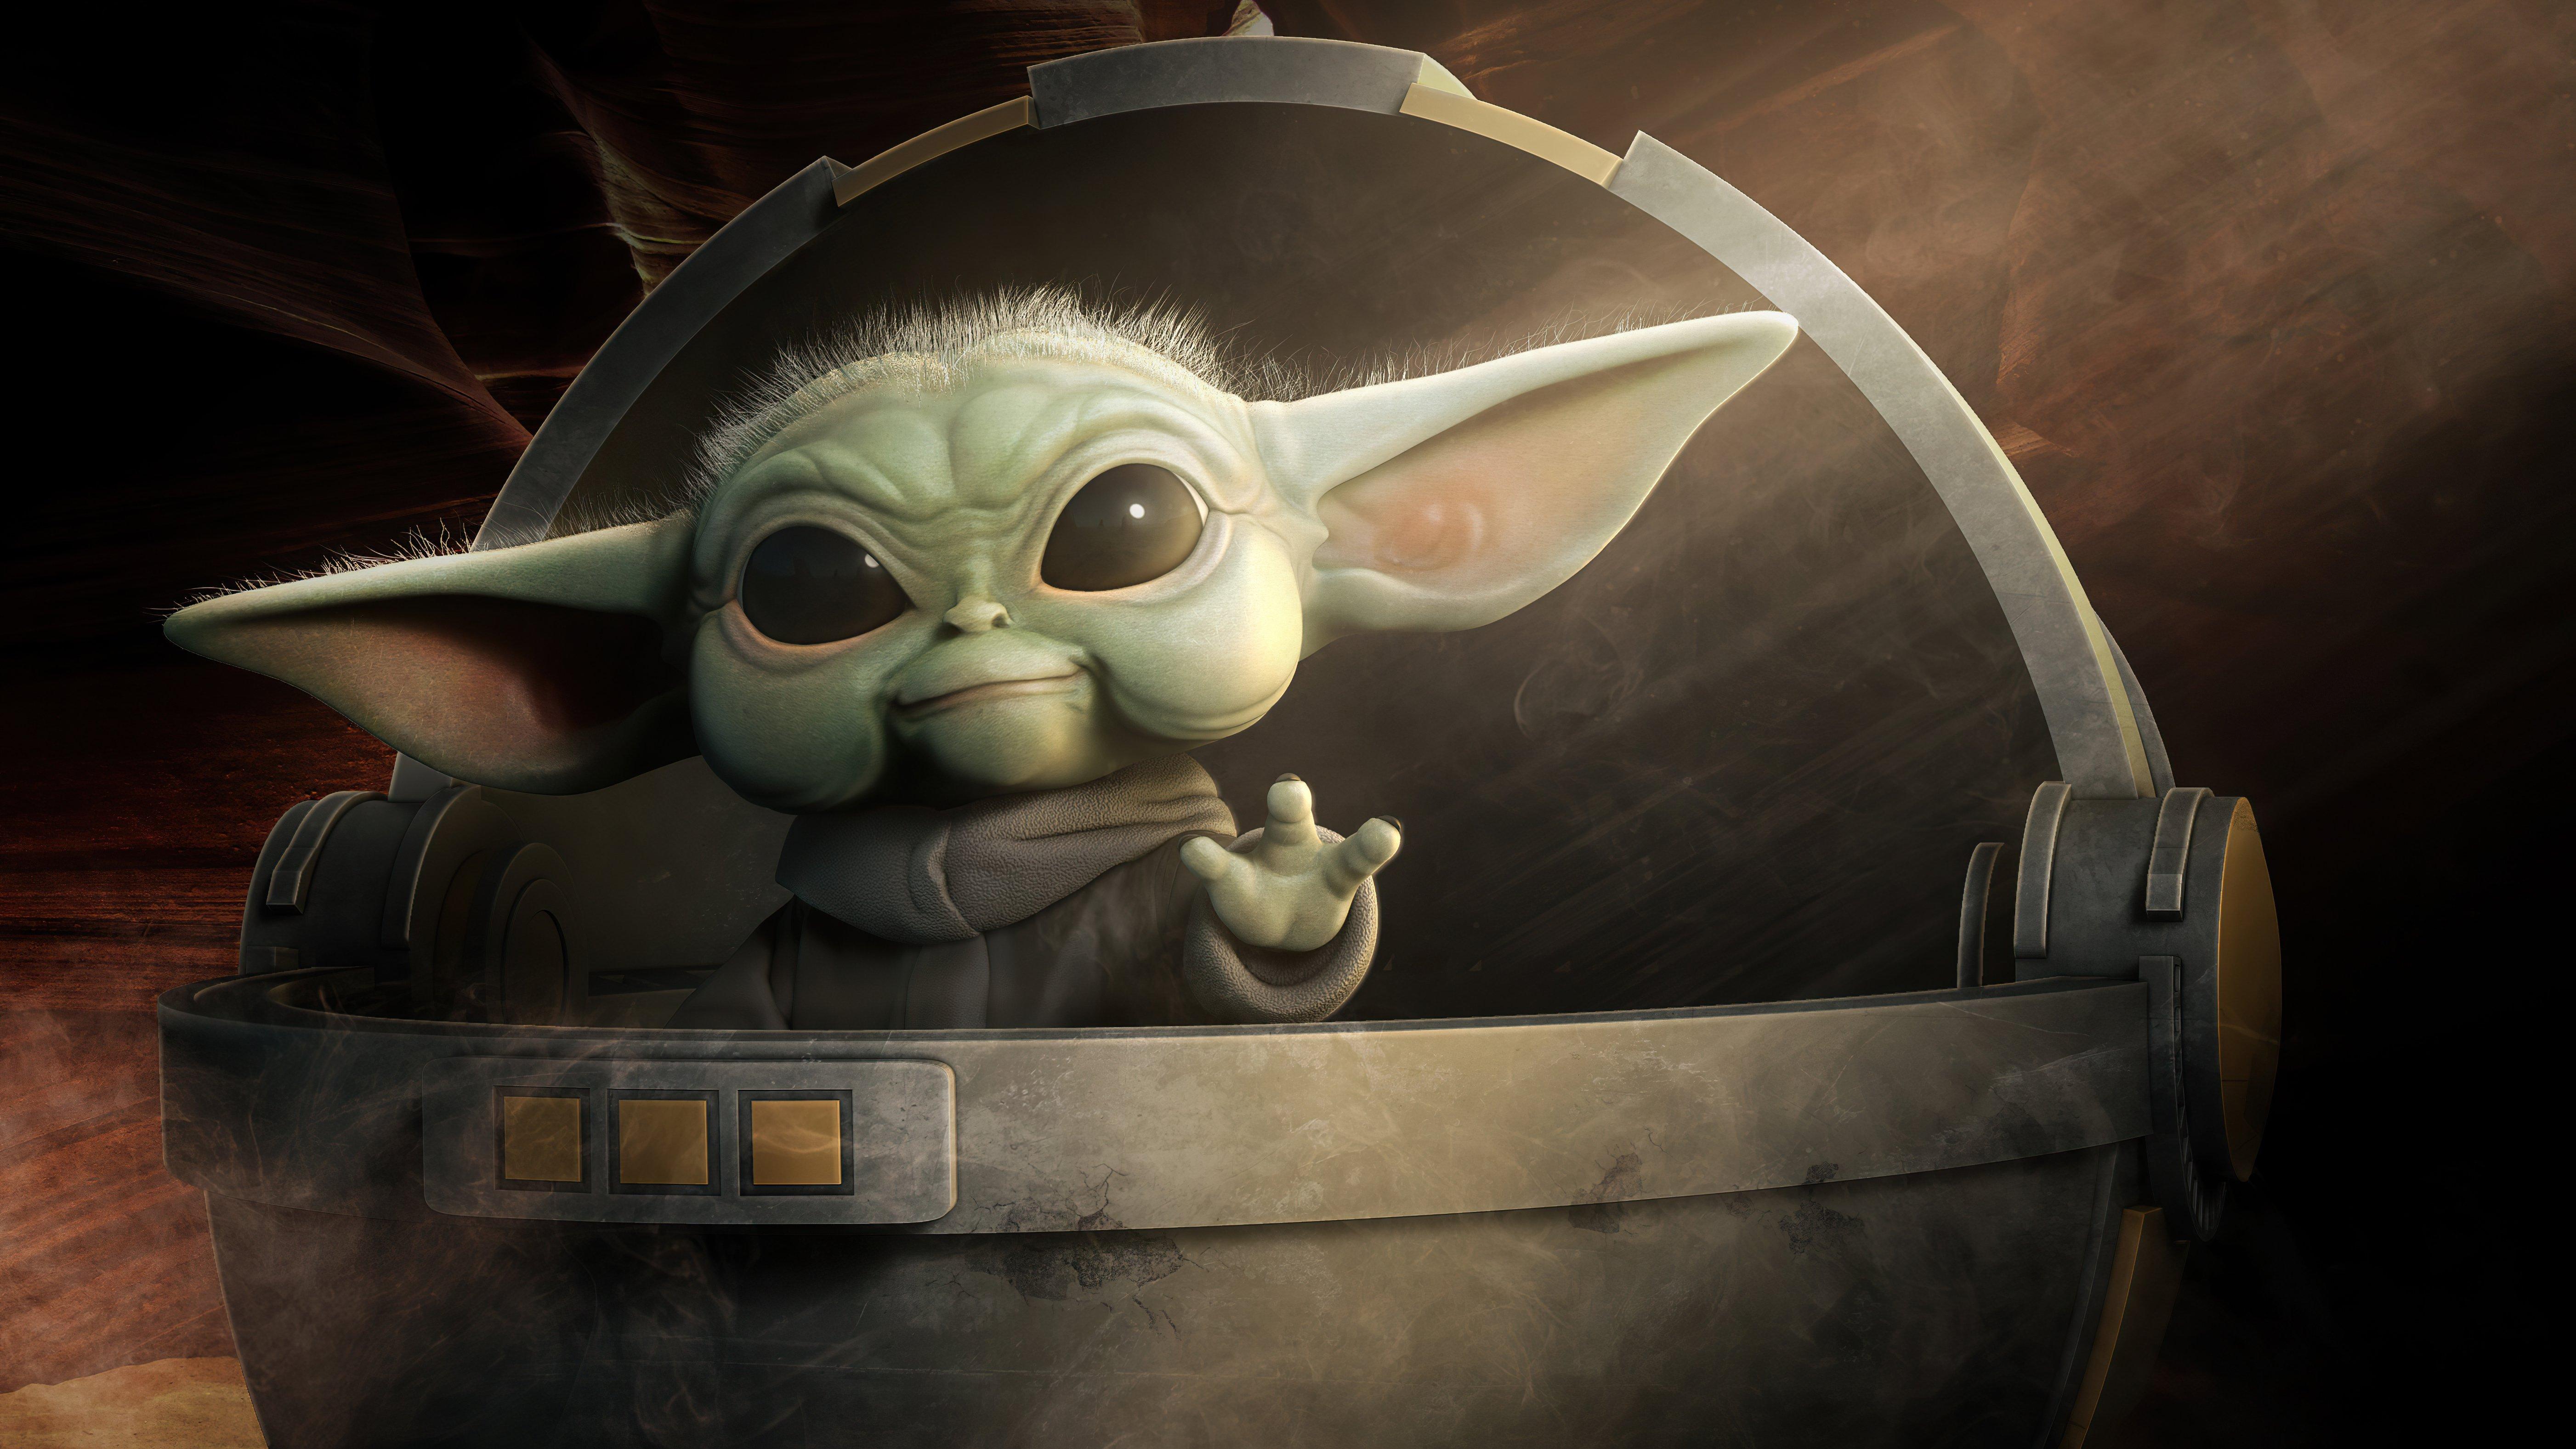 Fondos de pantalla Baby Yoda